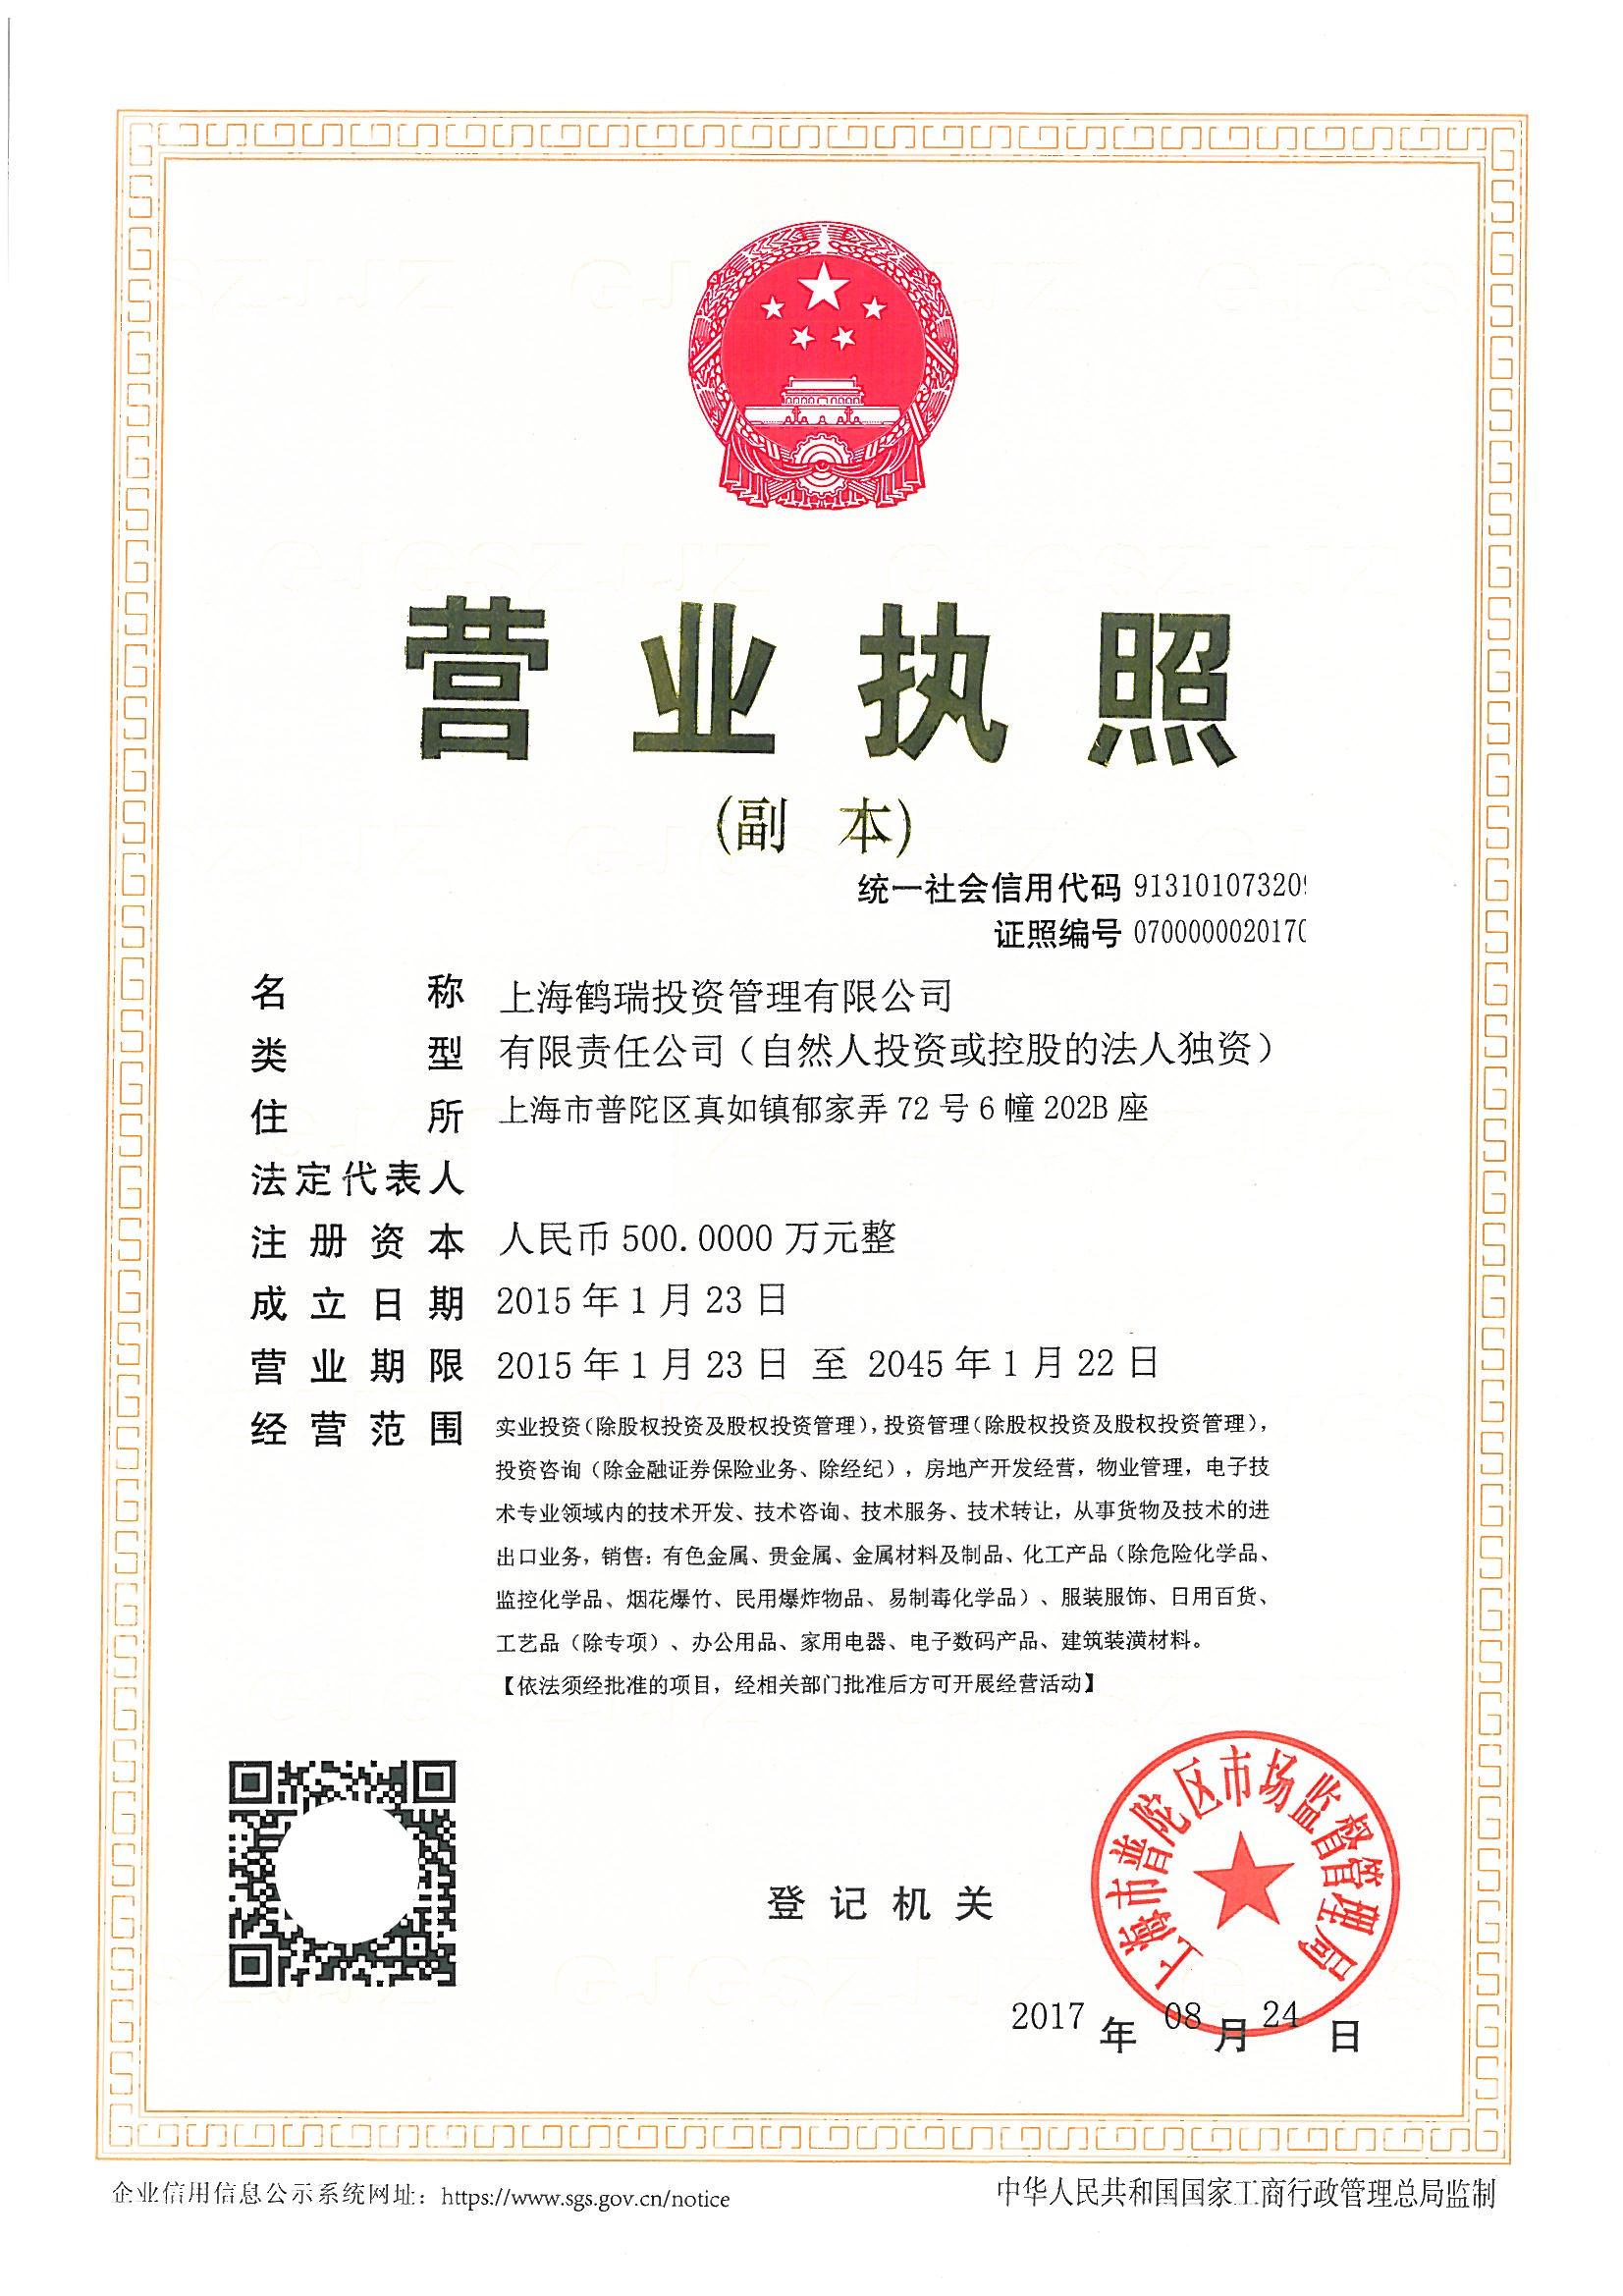 上海鹤瑞投资管理有限贝博ballbet西甲